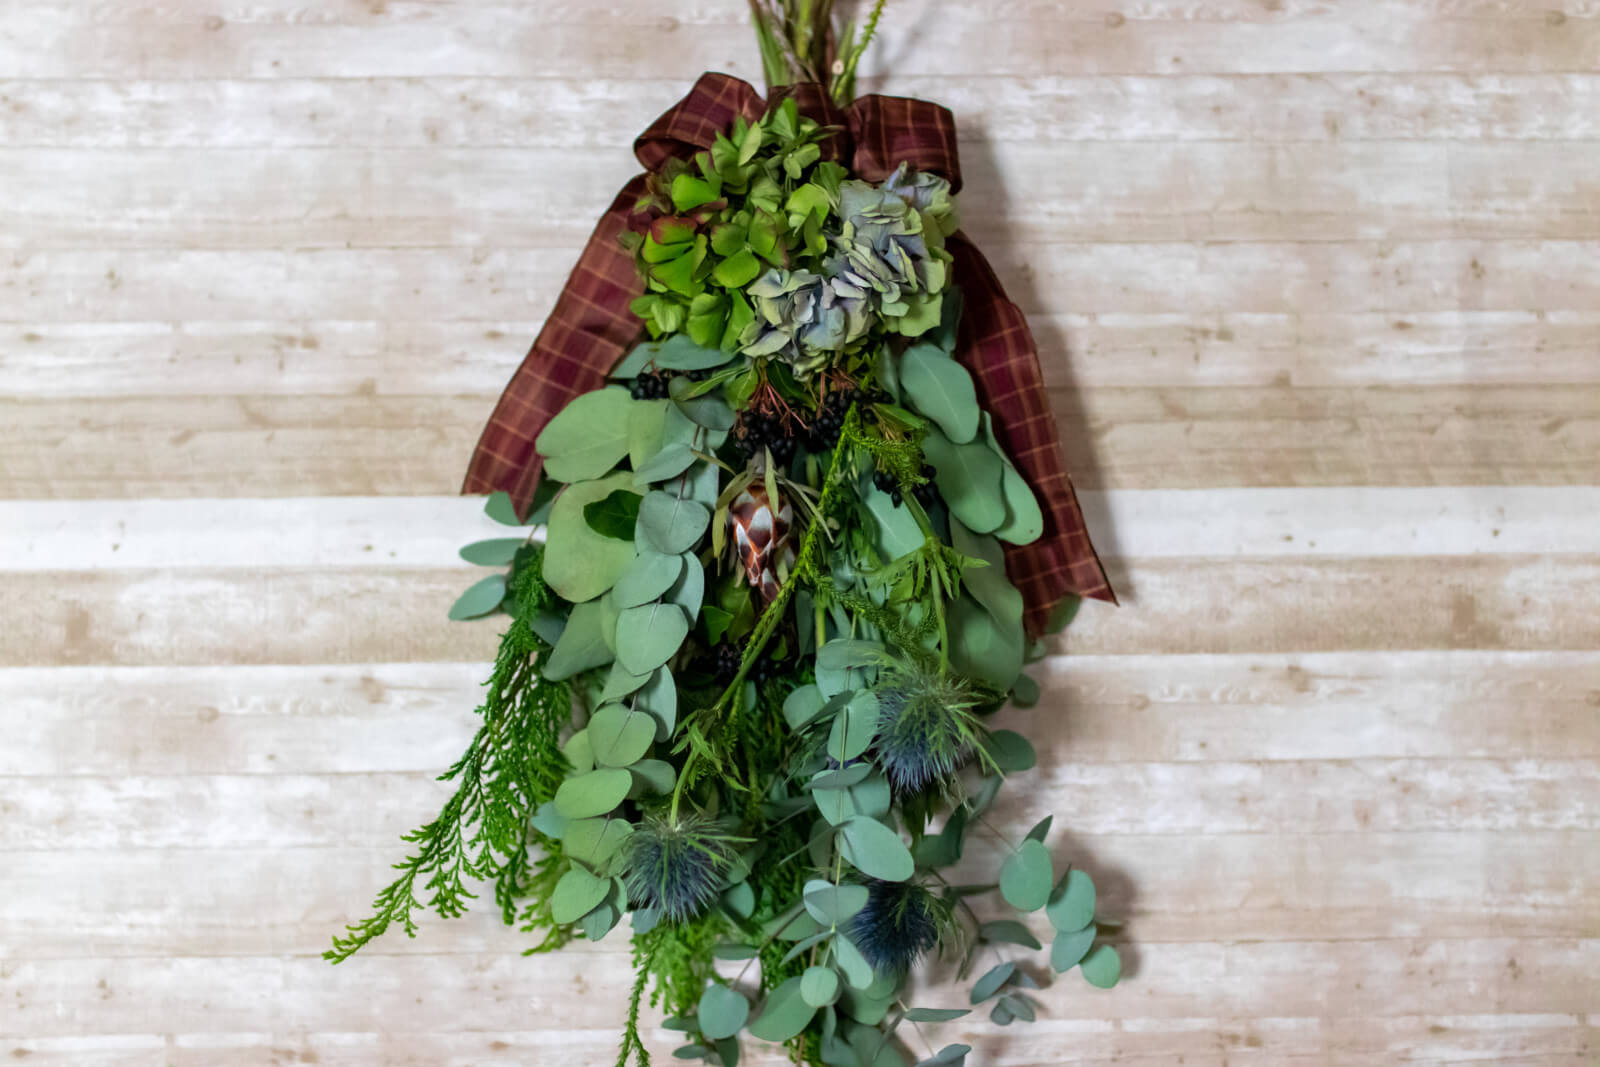 緑の花と葉をベースにしたクリスマス・スワッグの正面